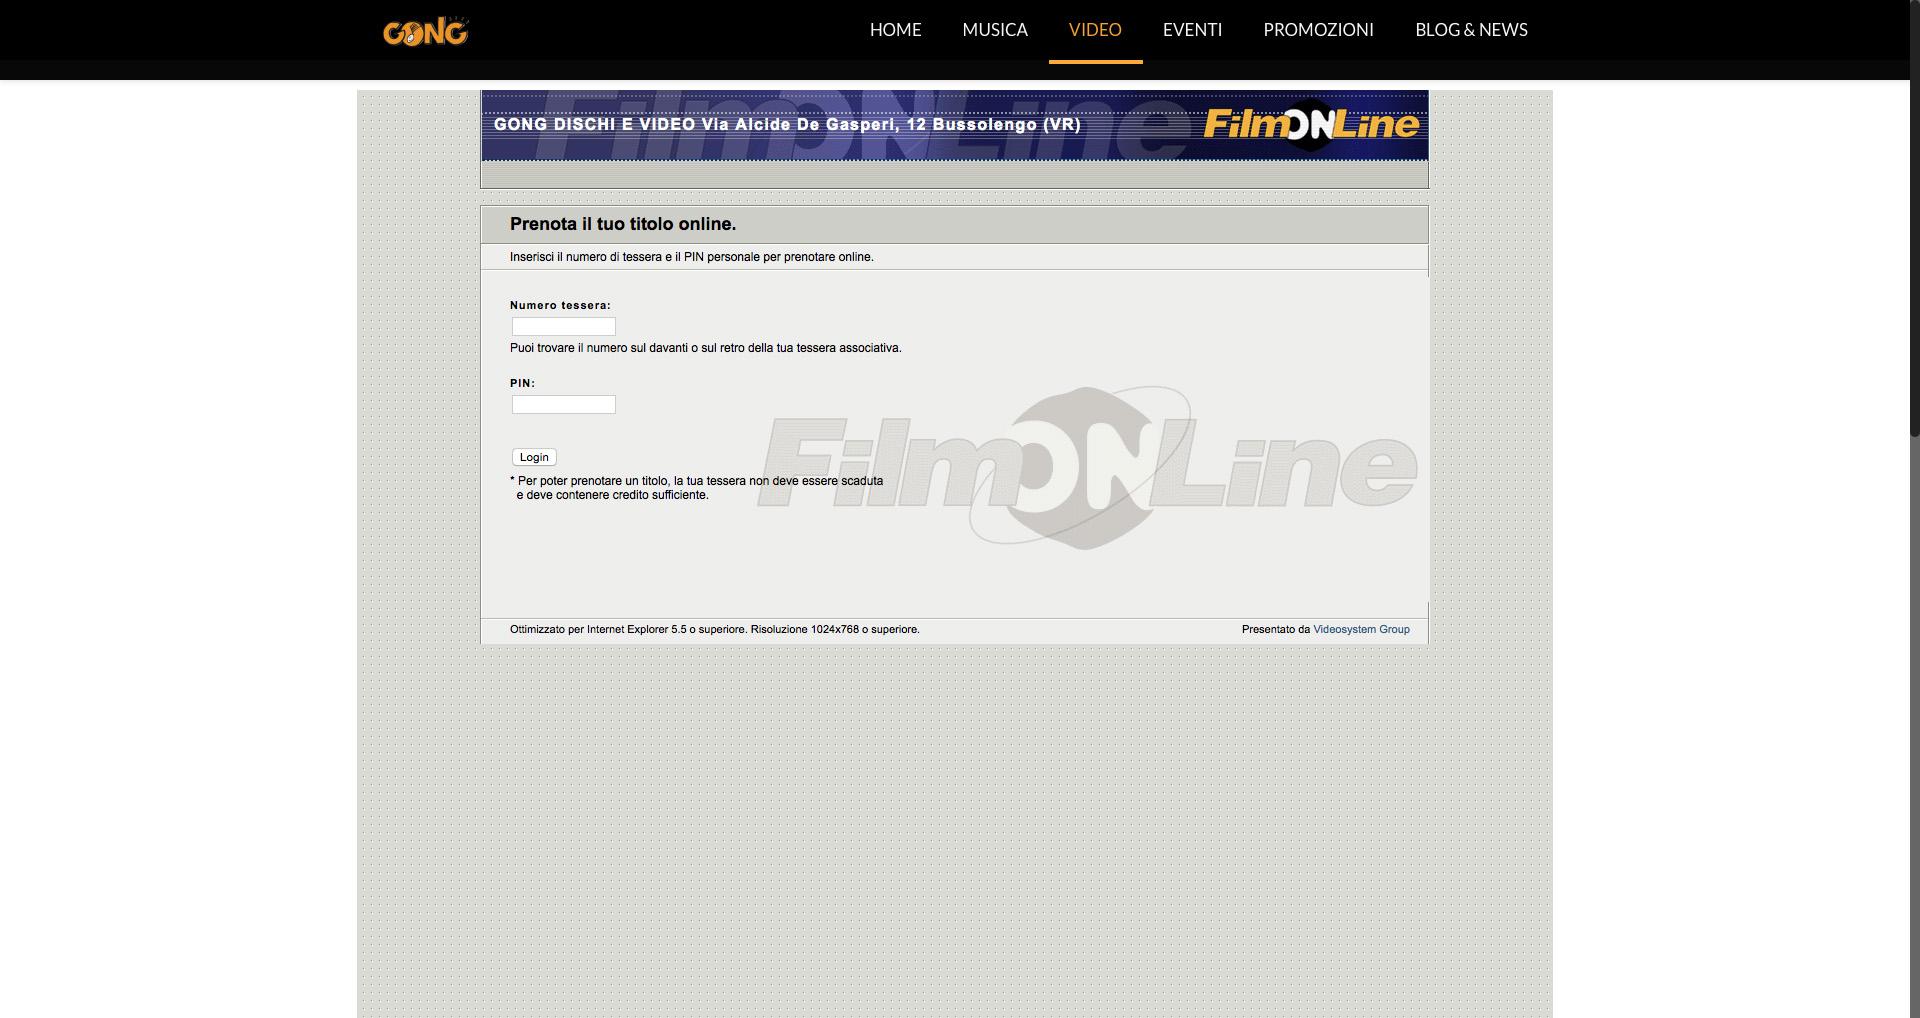 Sito web Gong - Prenotazione noleggio DVD